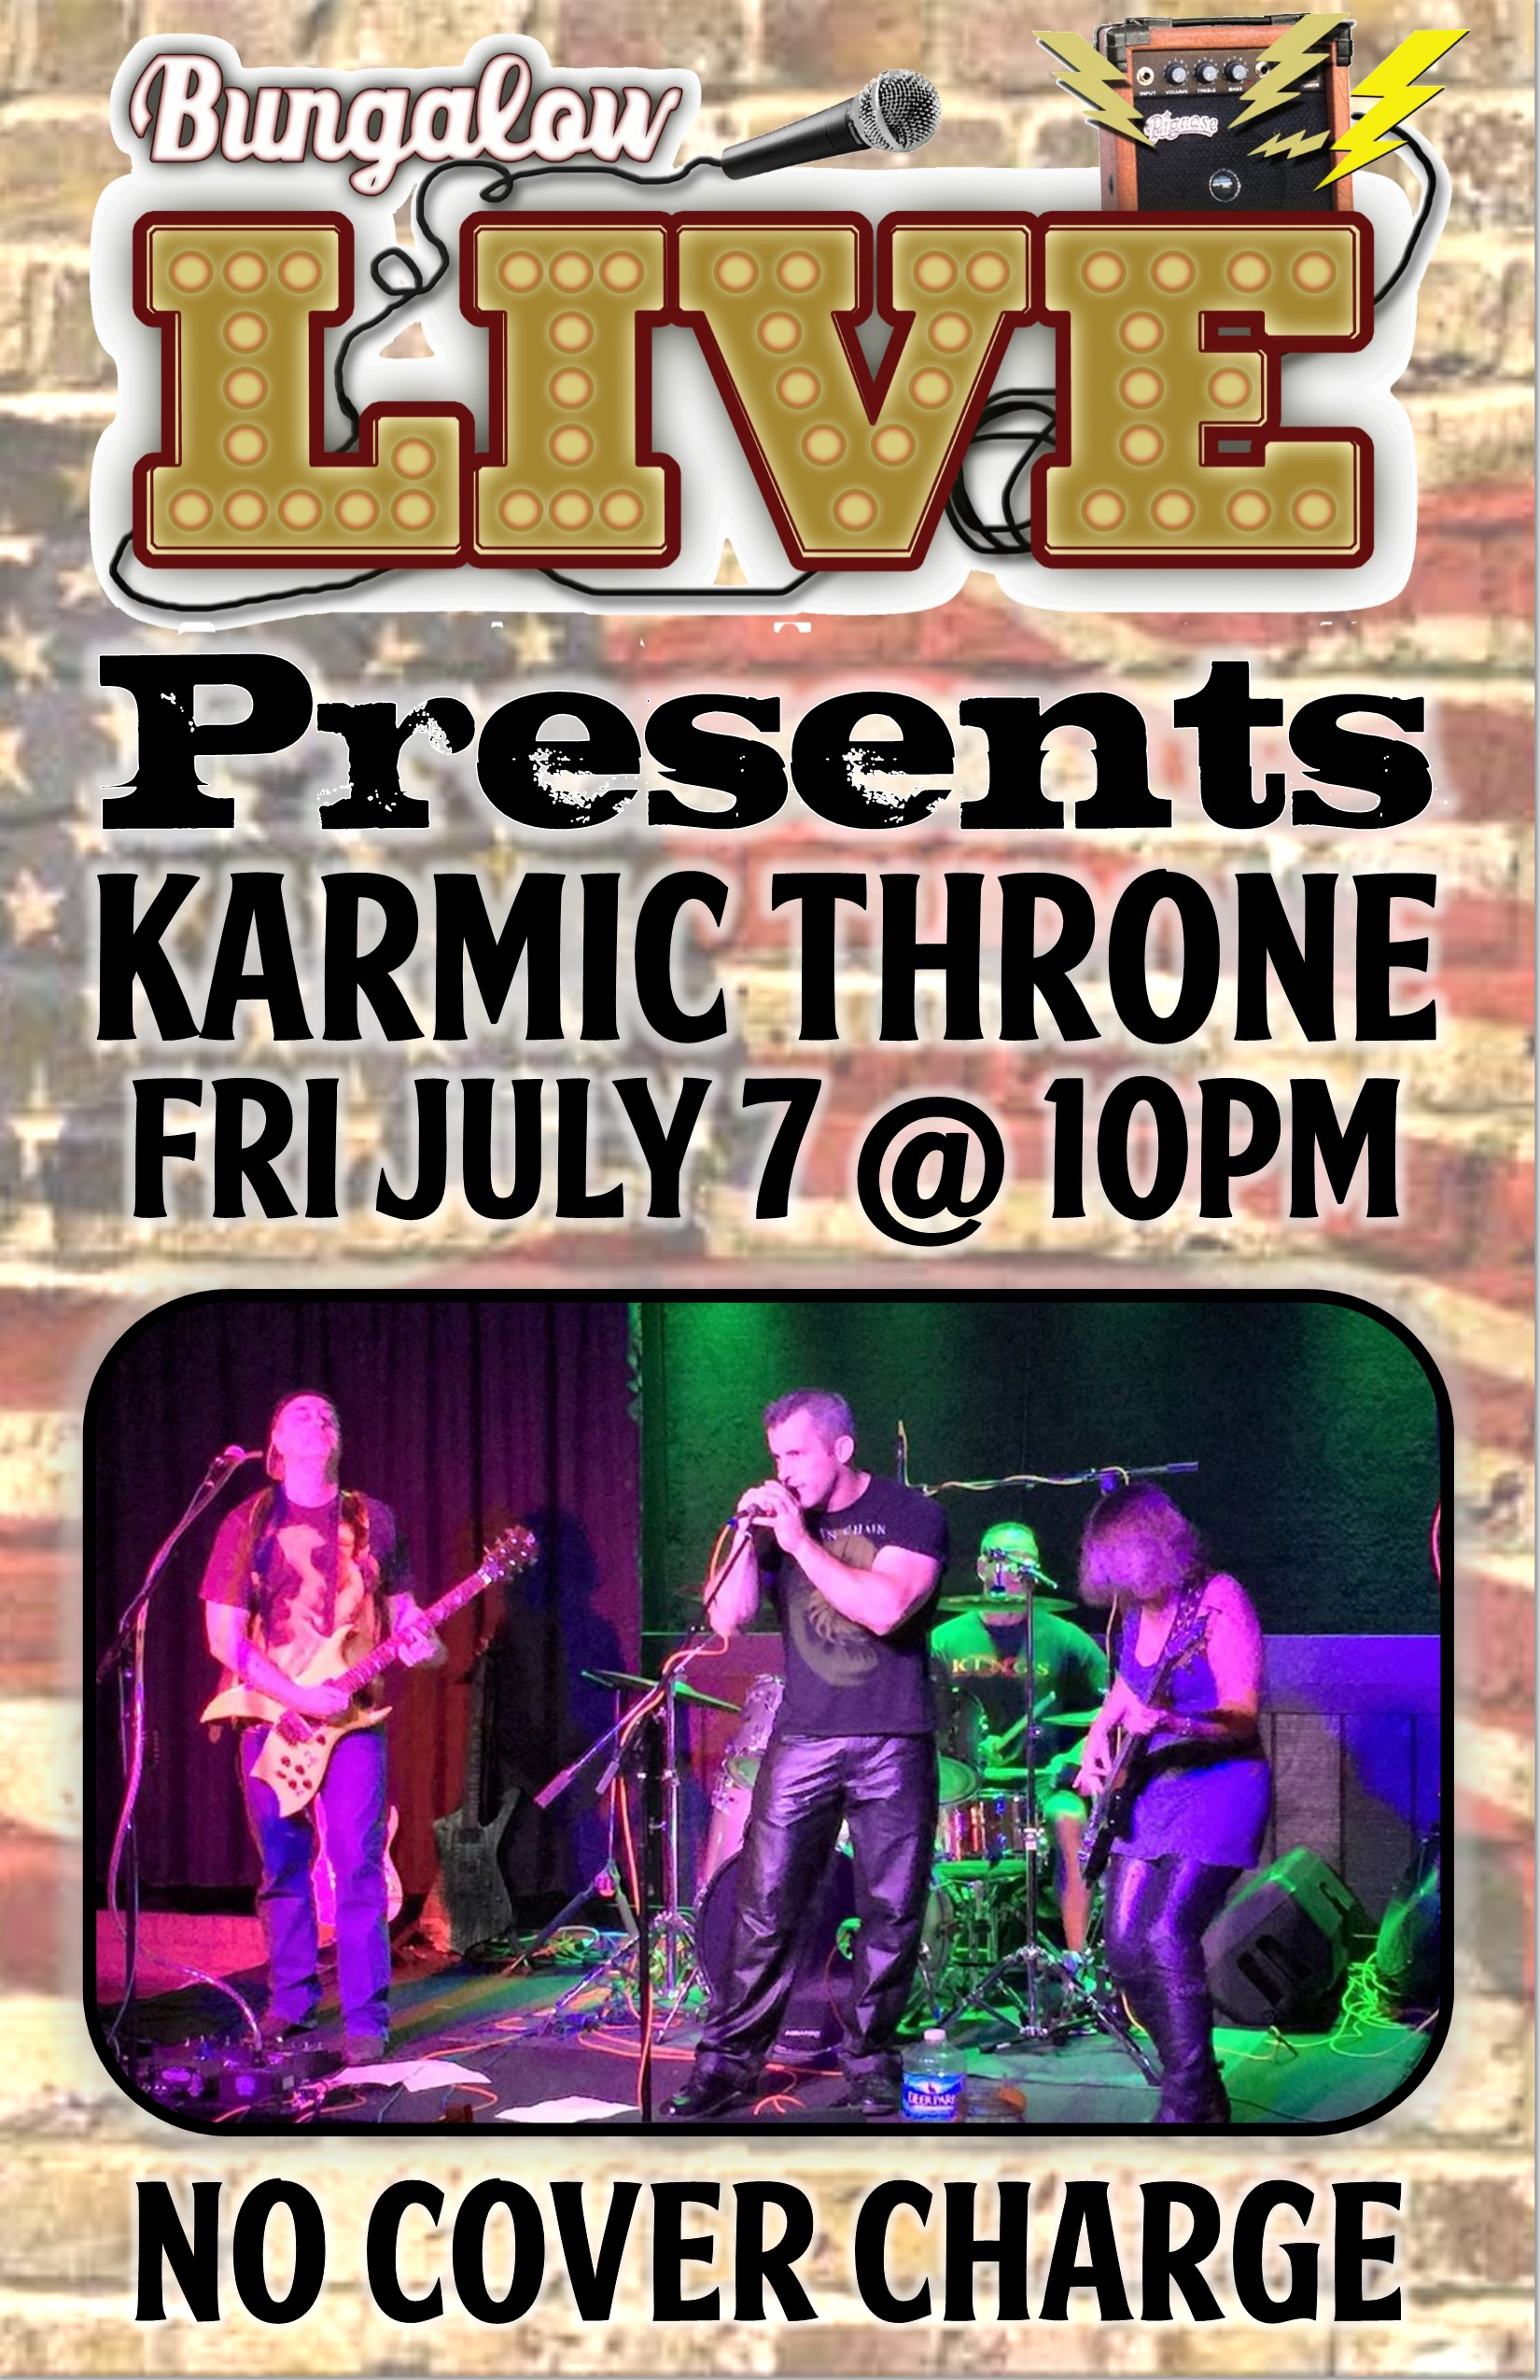 Karmic Throne CH 11x17